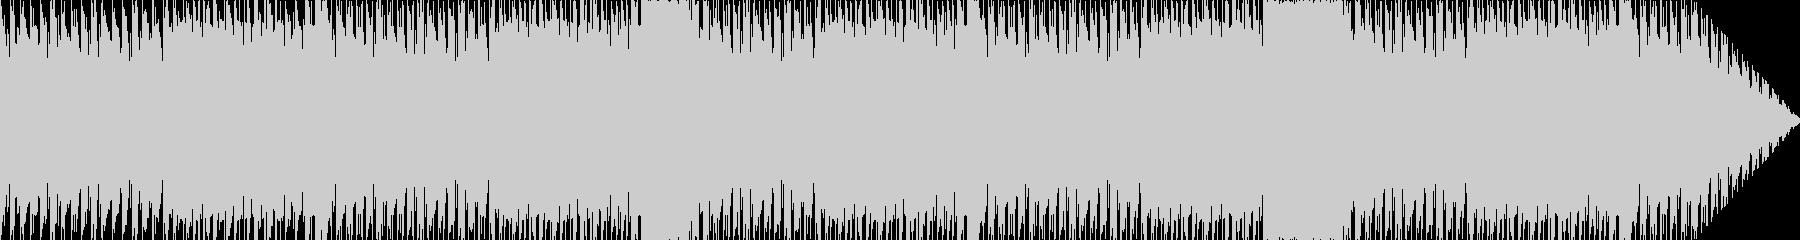 クールなビートのロックポップにテクノ要素の未再生の波形